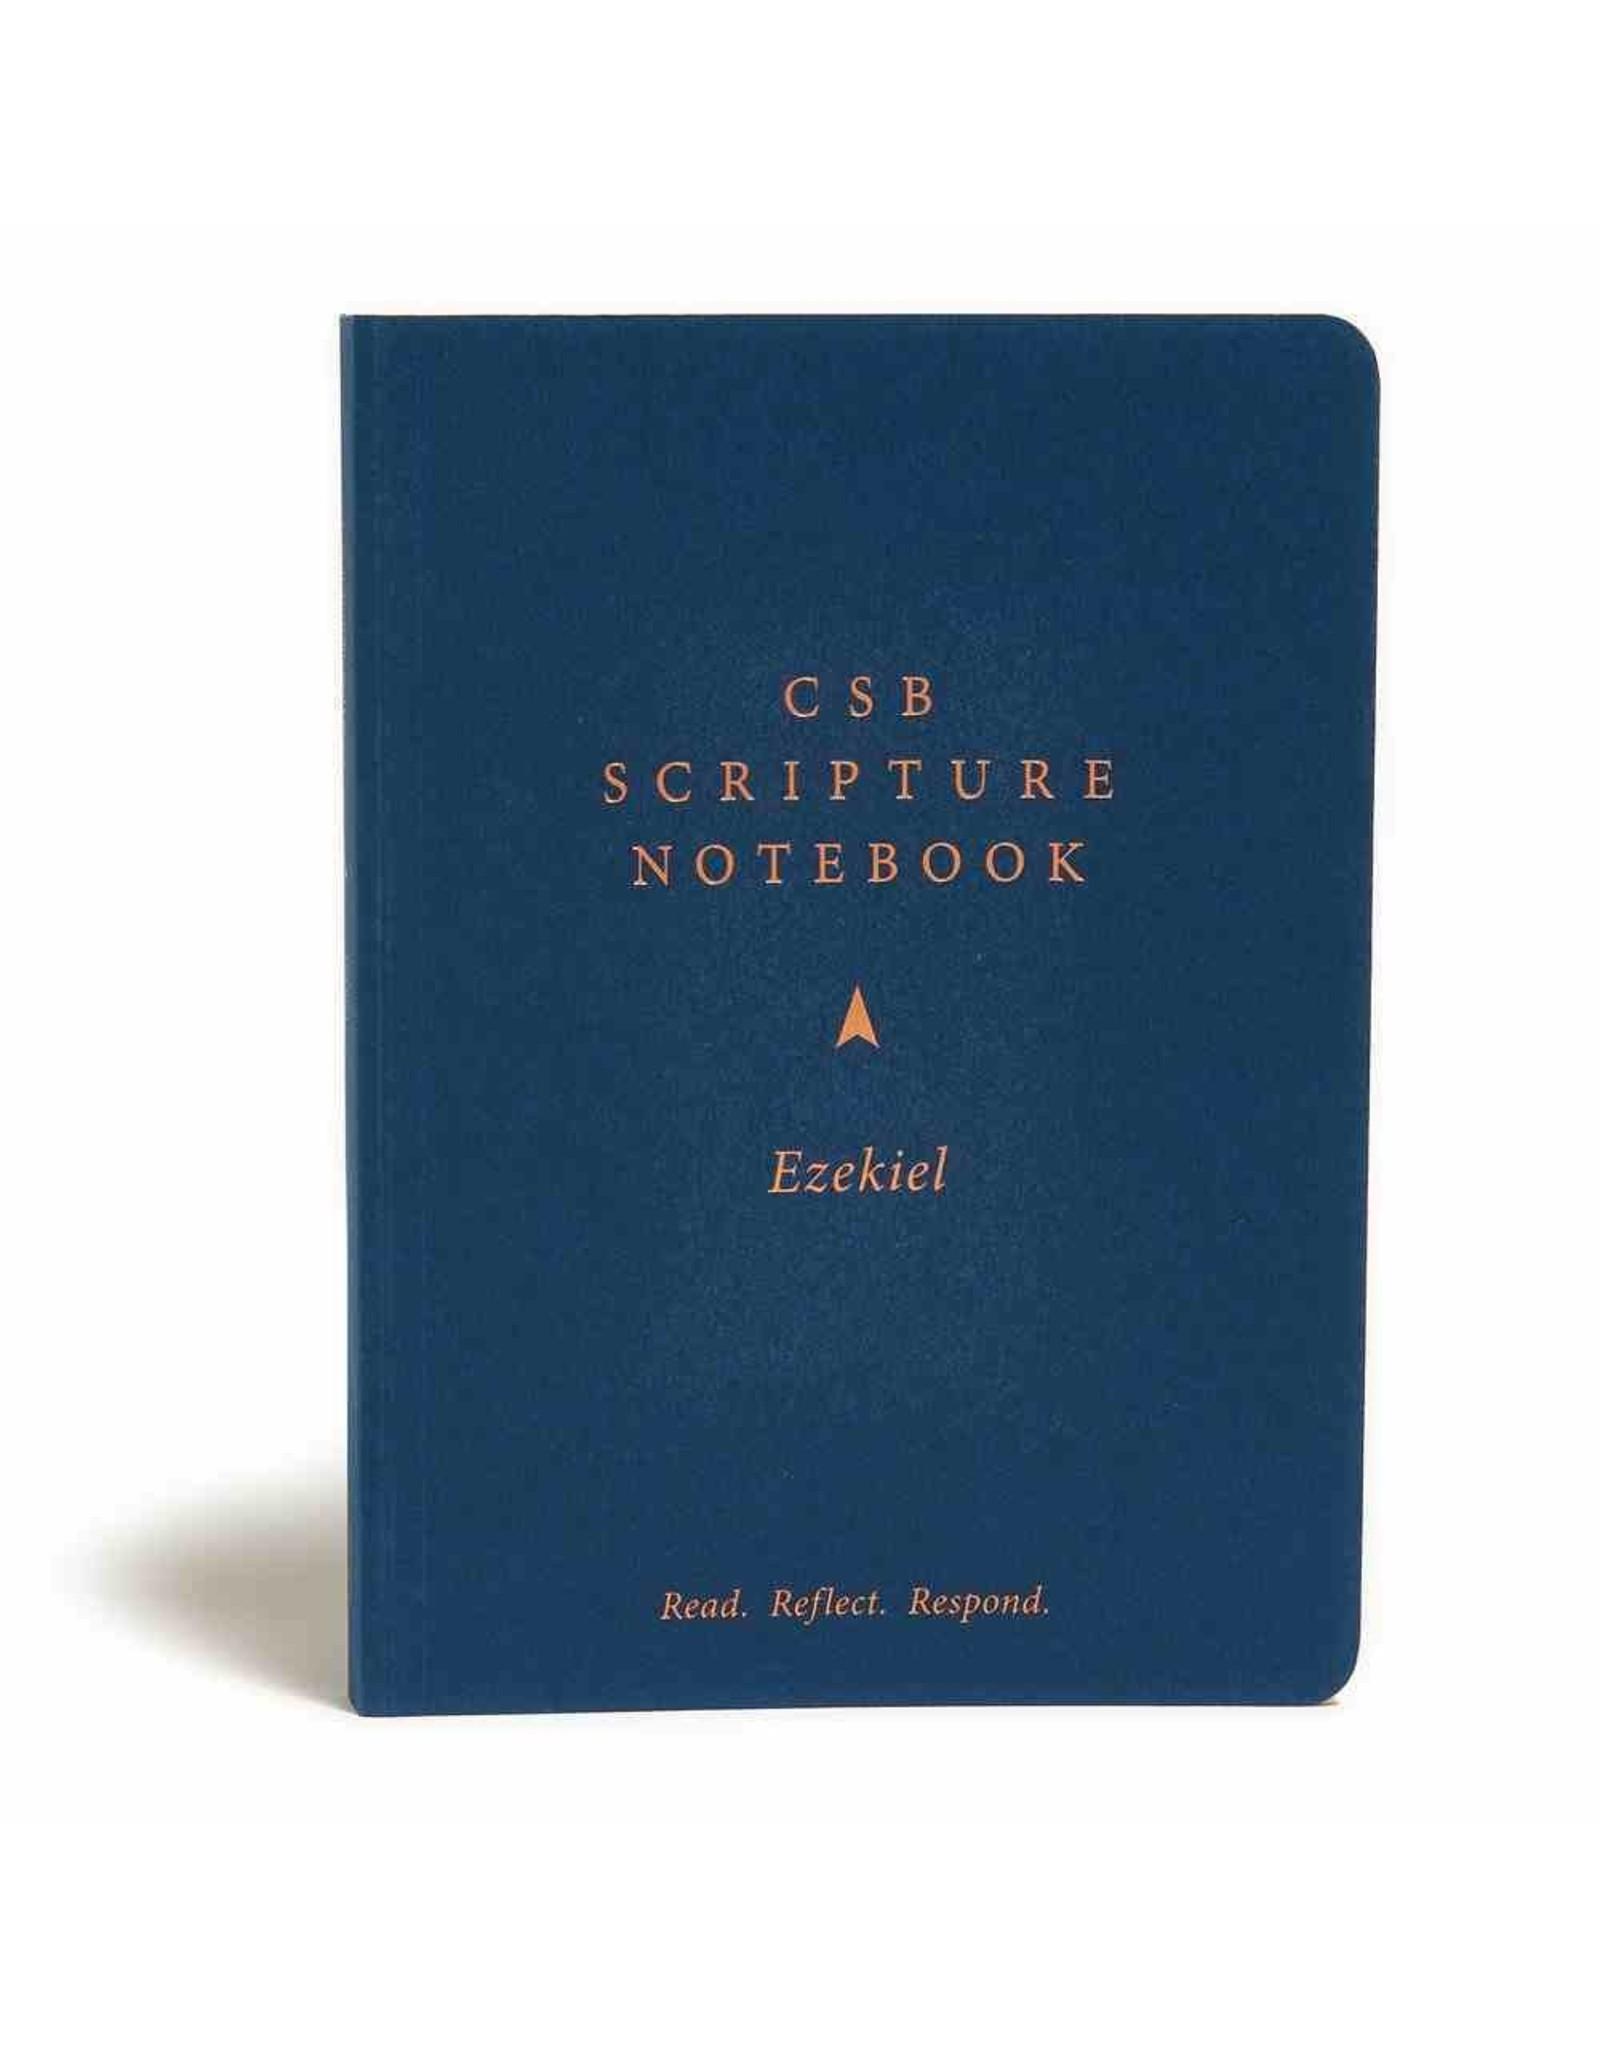 Holman CSB Scripture Notebook - Ezekiel